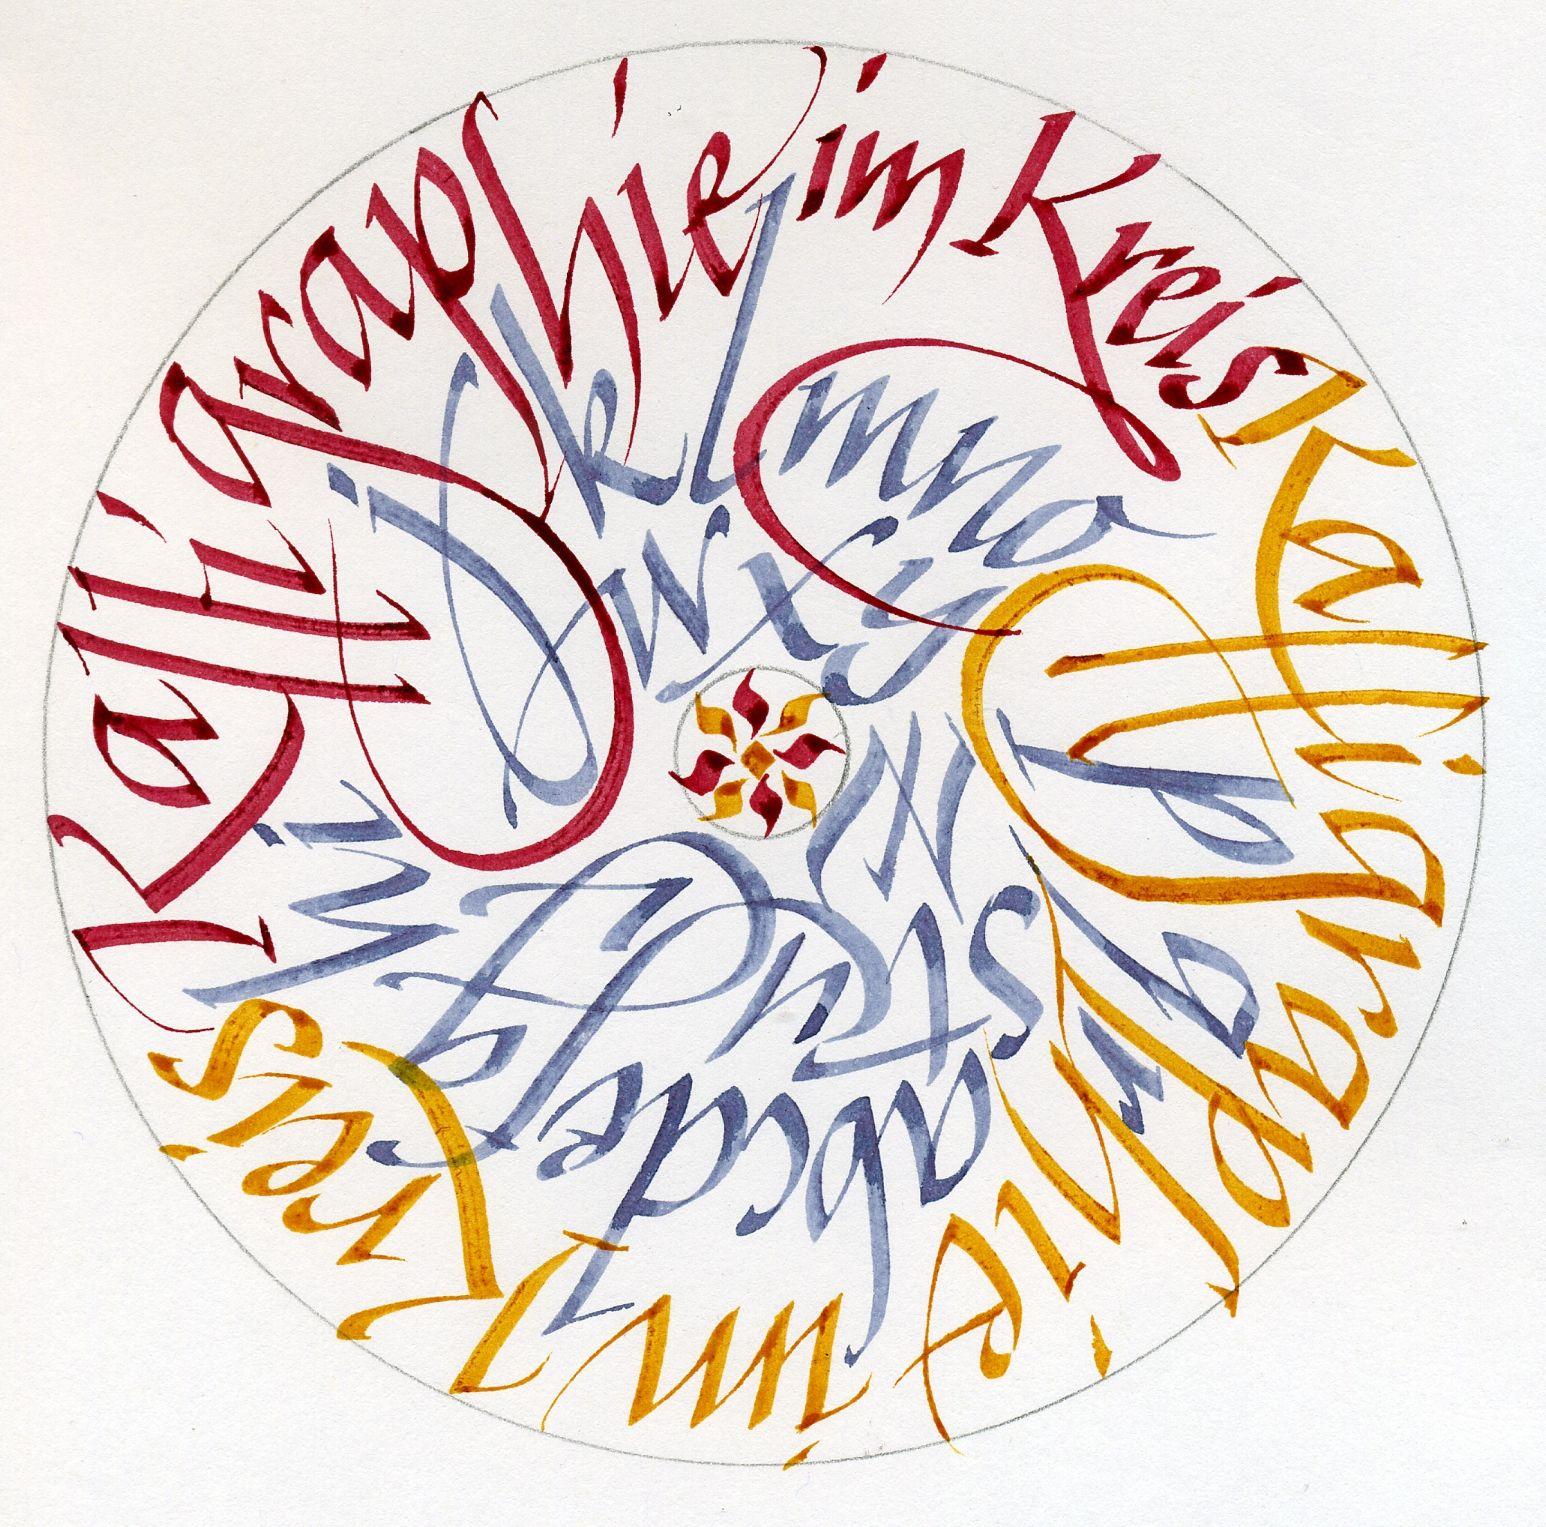 von schrift art roland stieger Calligraphy